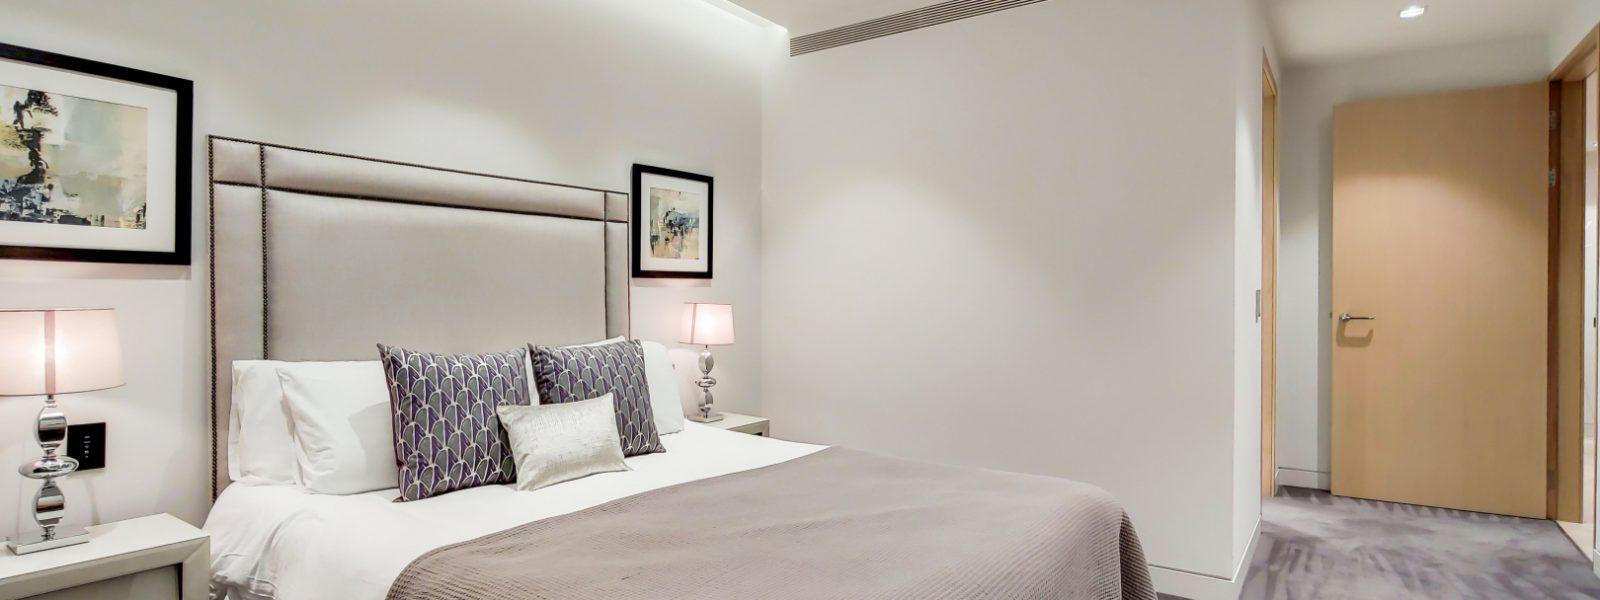 2_Main Bedroom-1